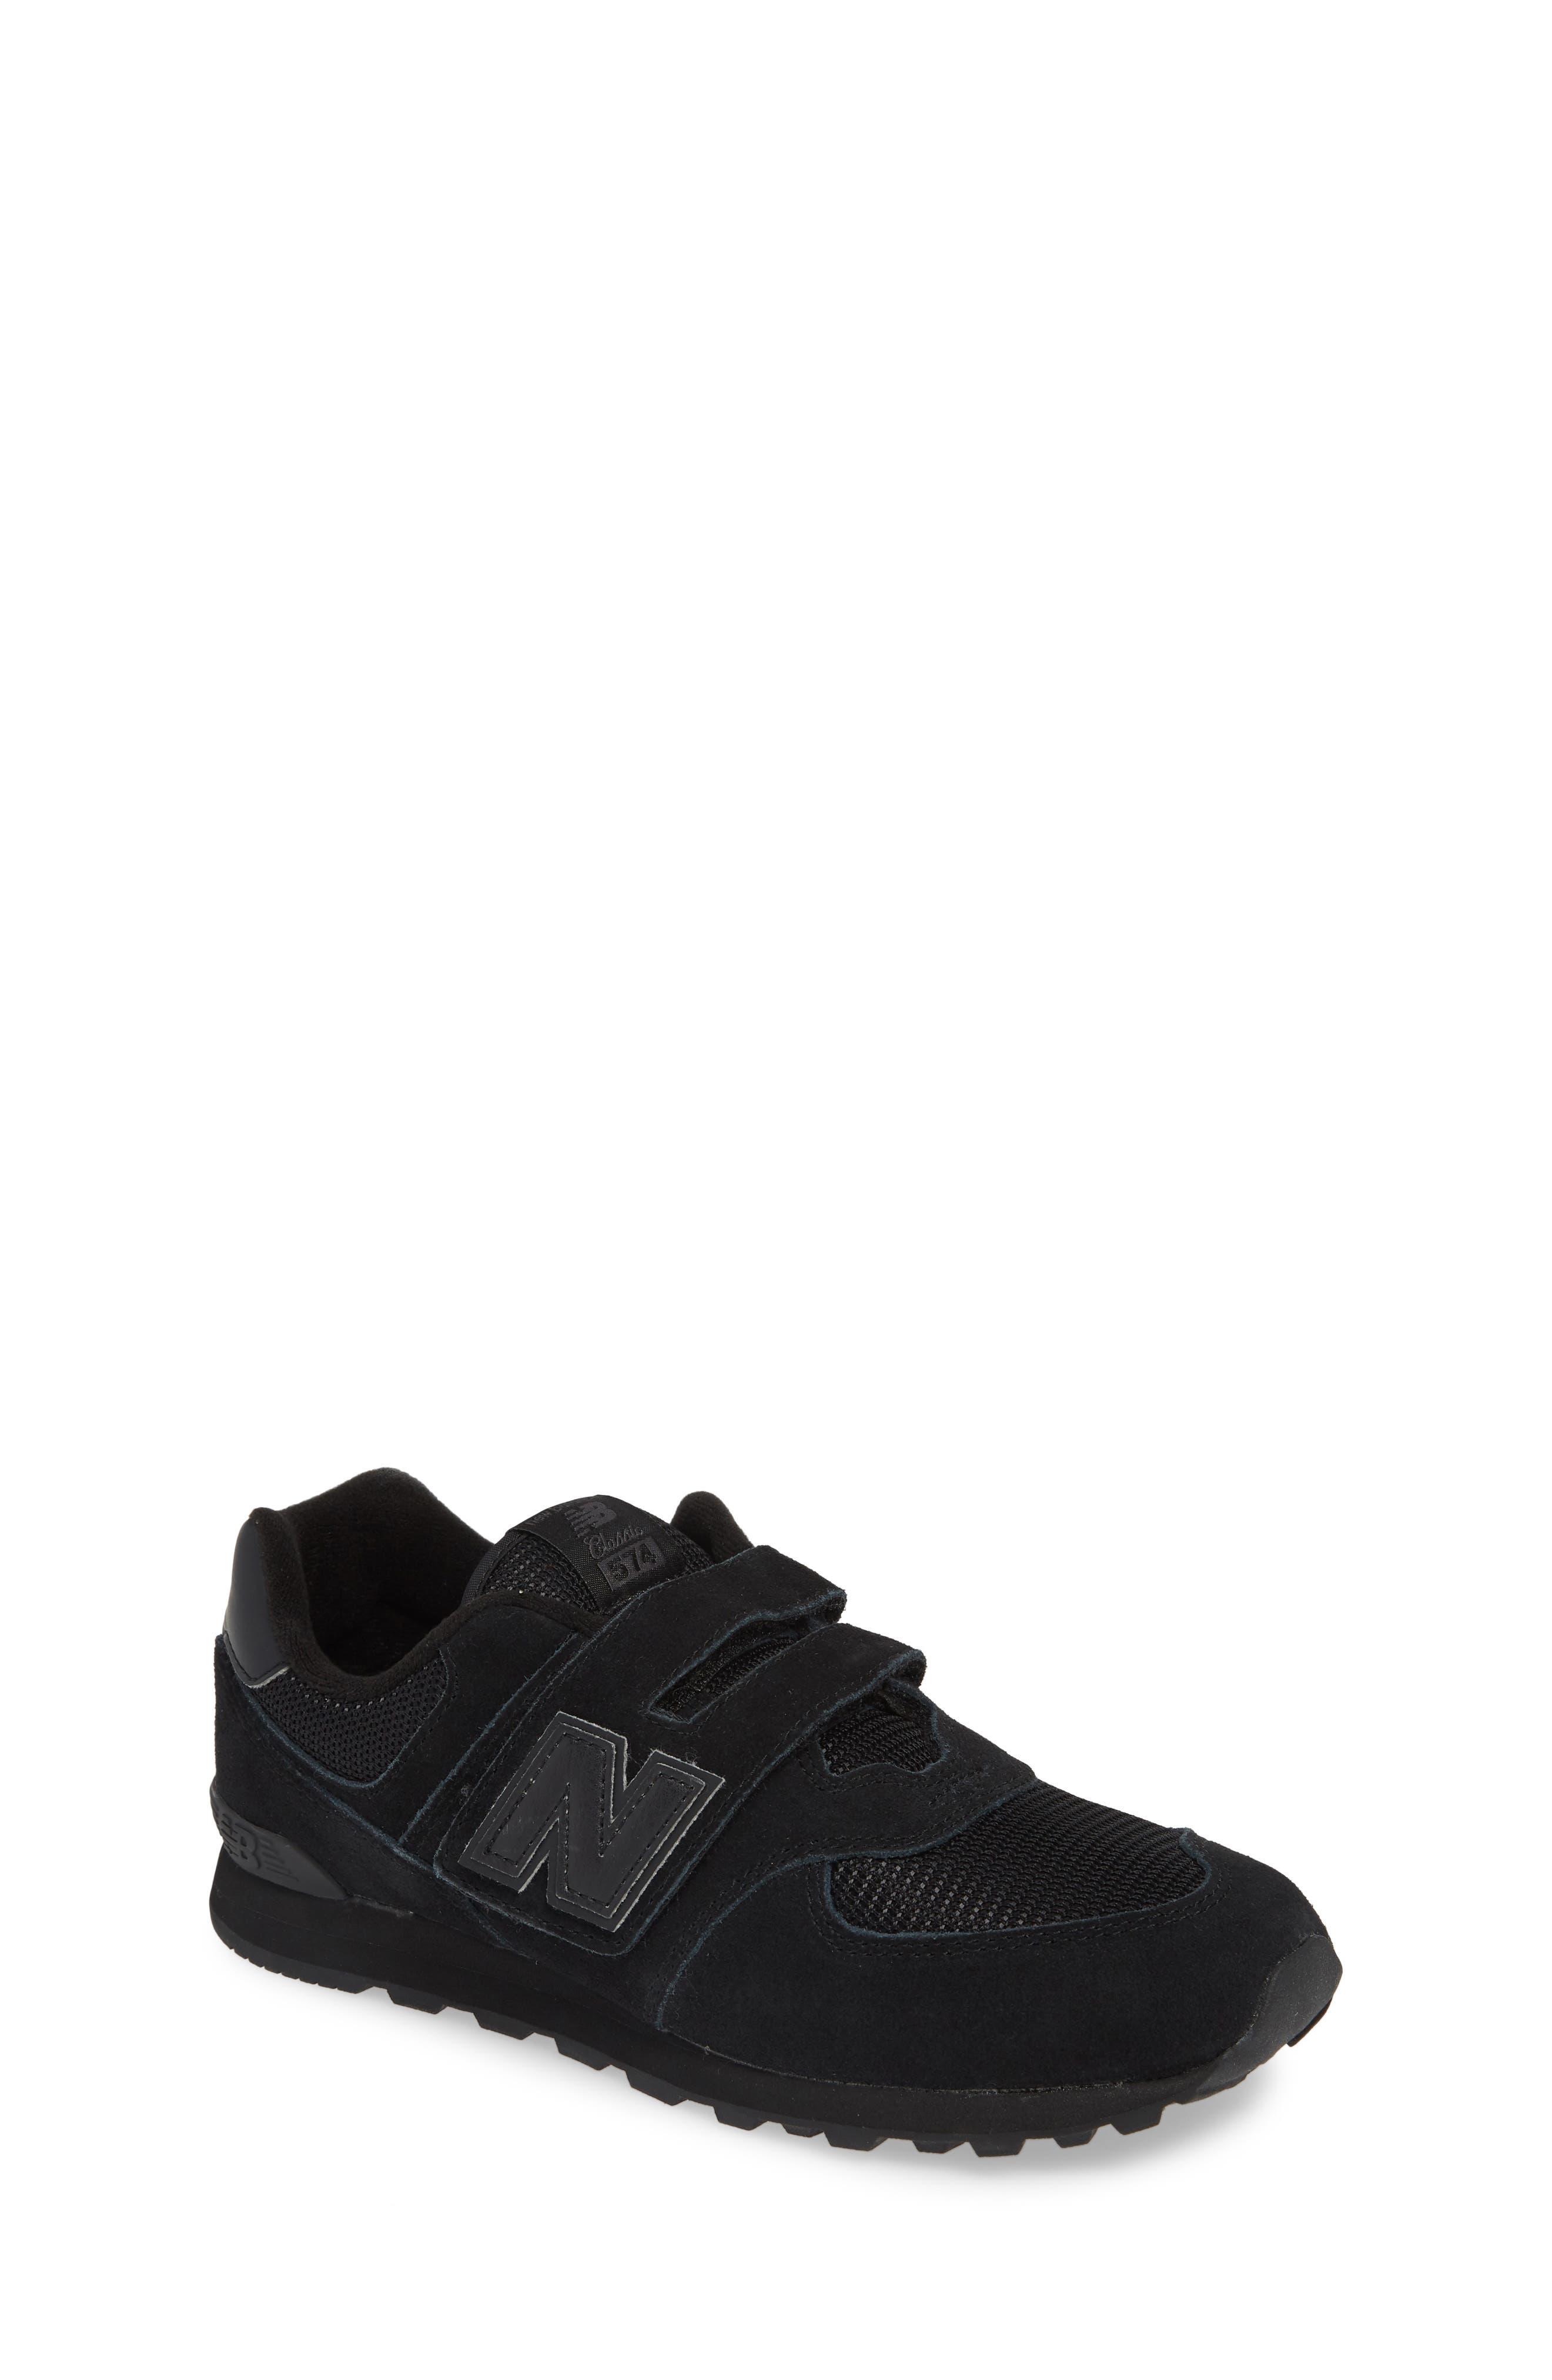 NEW BALANCE,                             574 Retro Surf Sneaker,                             Main thumbnail 1, color,                             BLACK/ BLACK